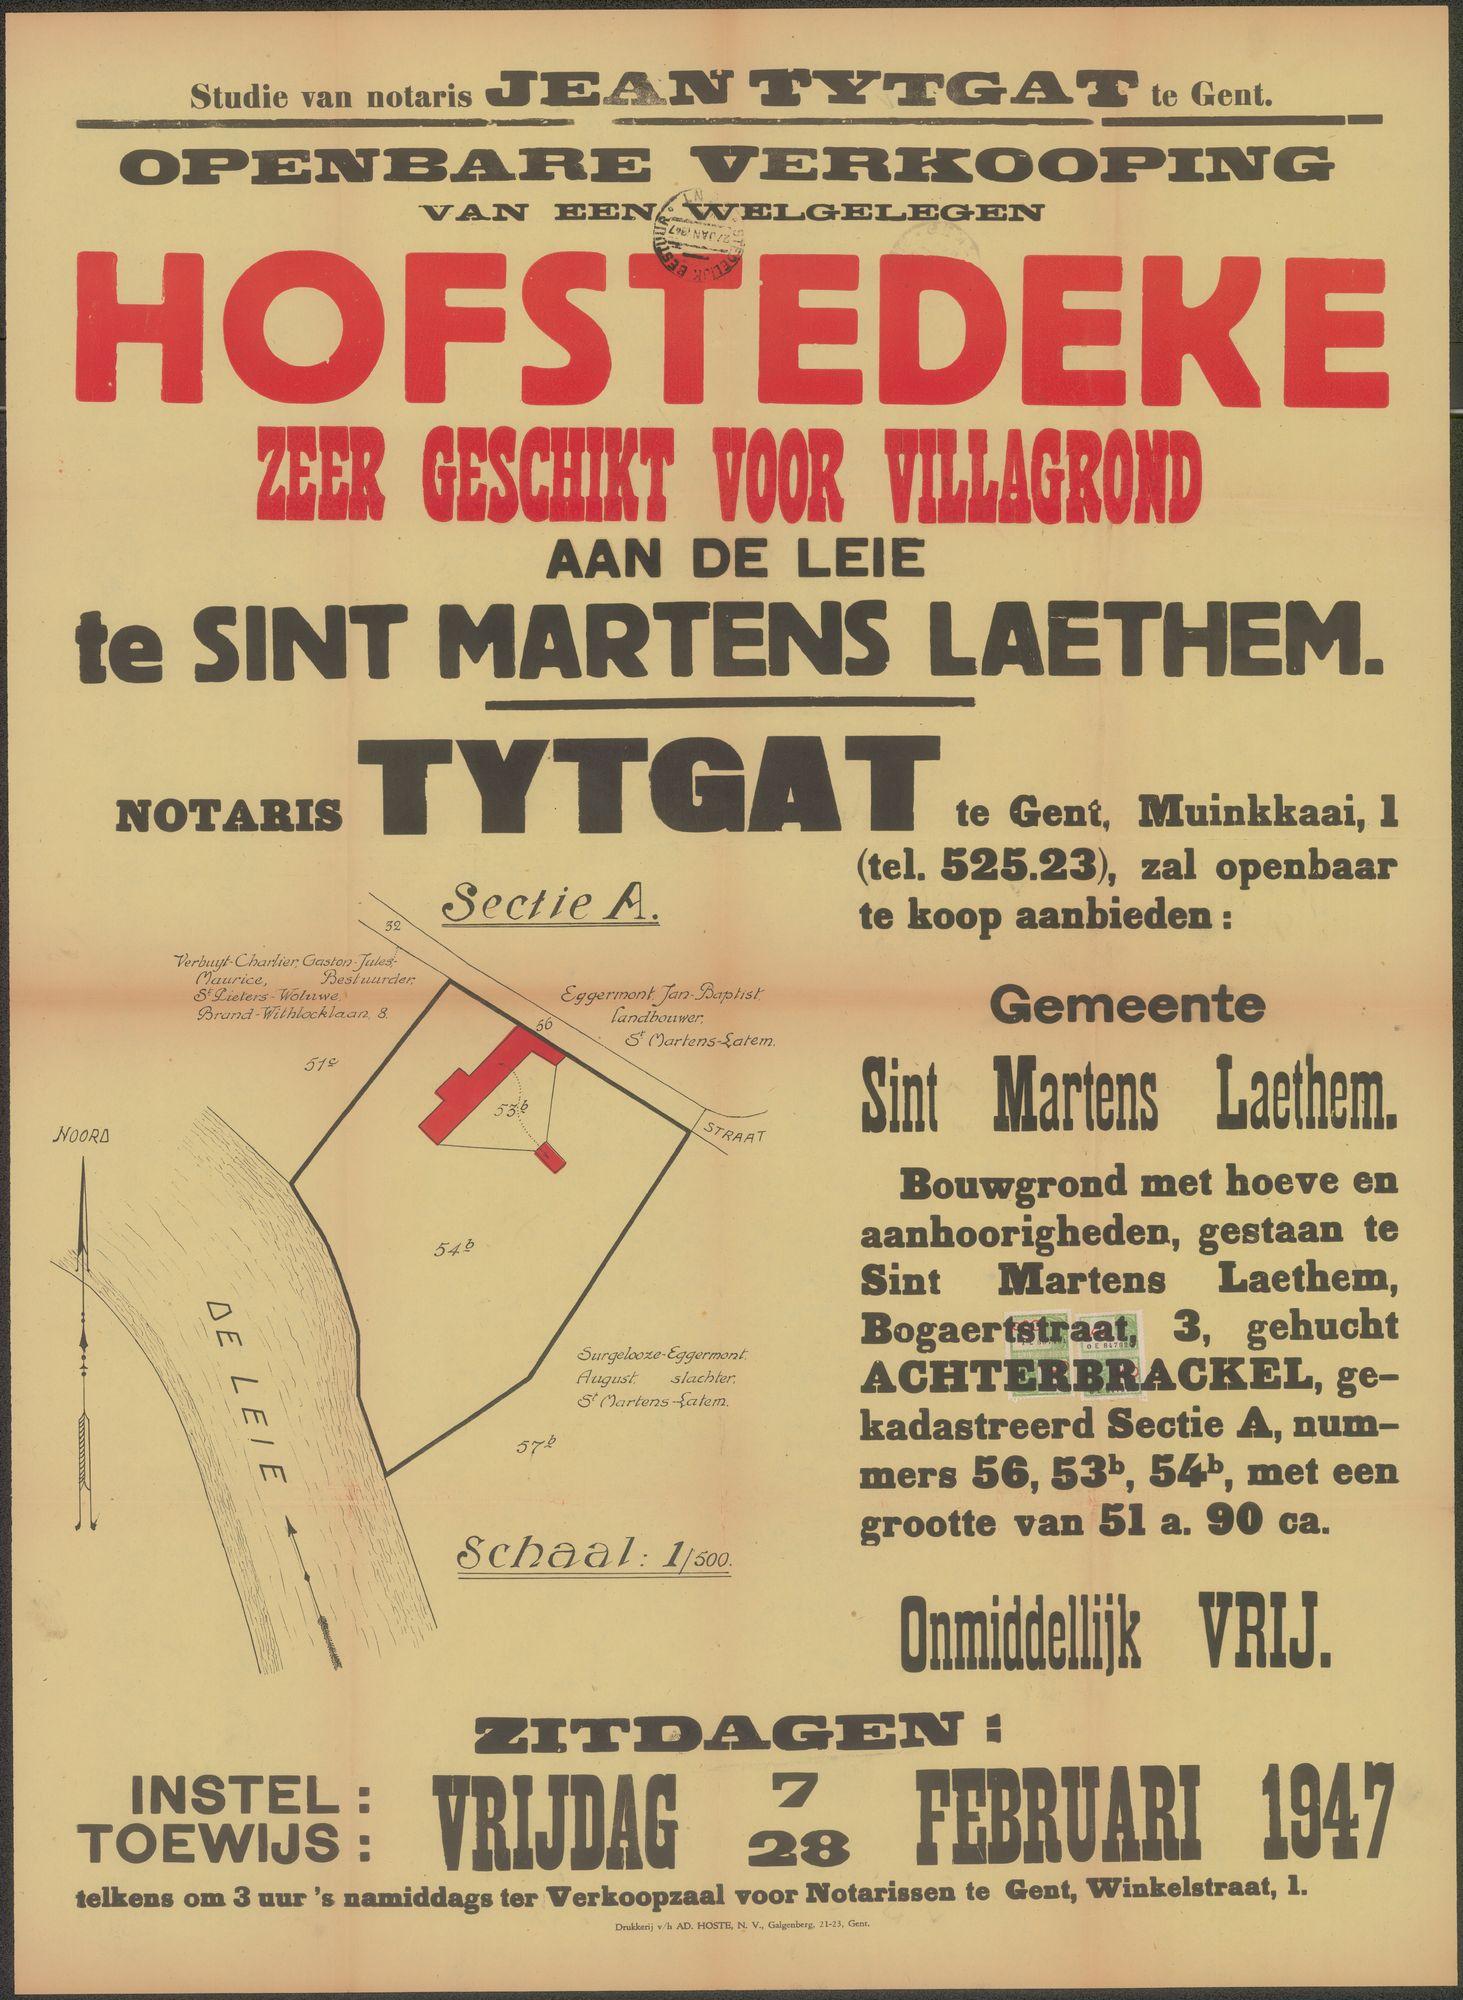 Openbare verkoop van een welgelegen hofstedeke zeer geschikt voor villagrond aan de Leie te Sint Martens Laethem (Sint-Martens-Latem), Gent, 28 februari 1947